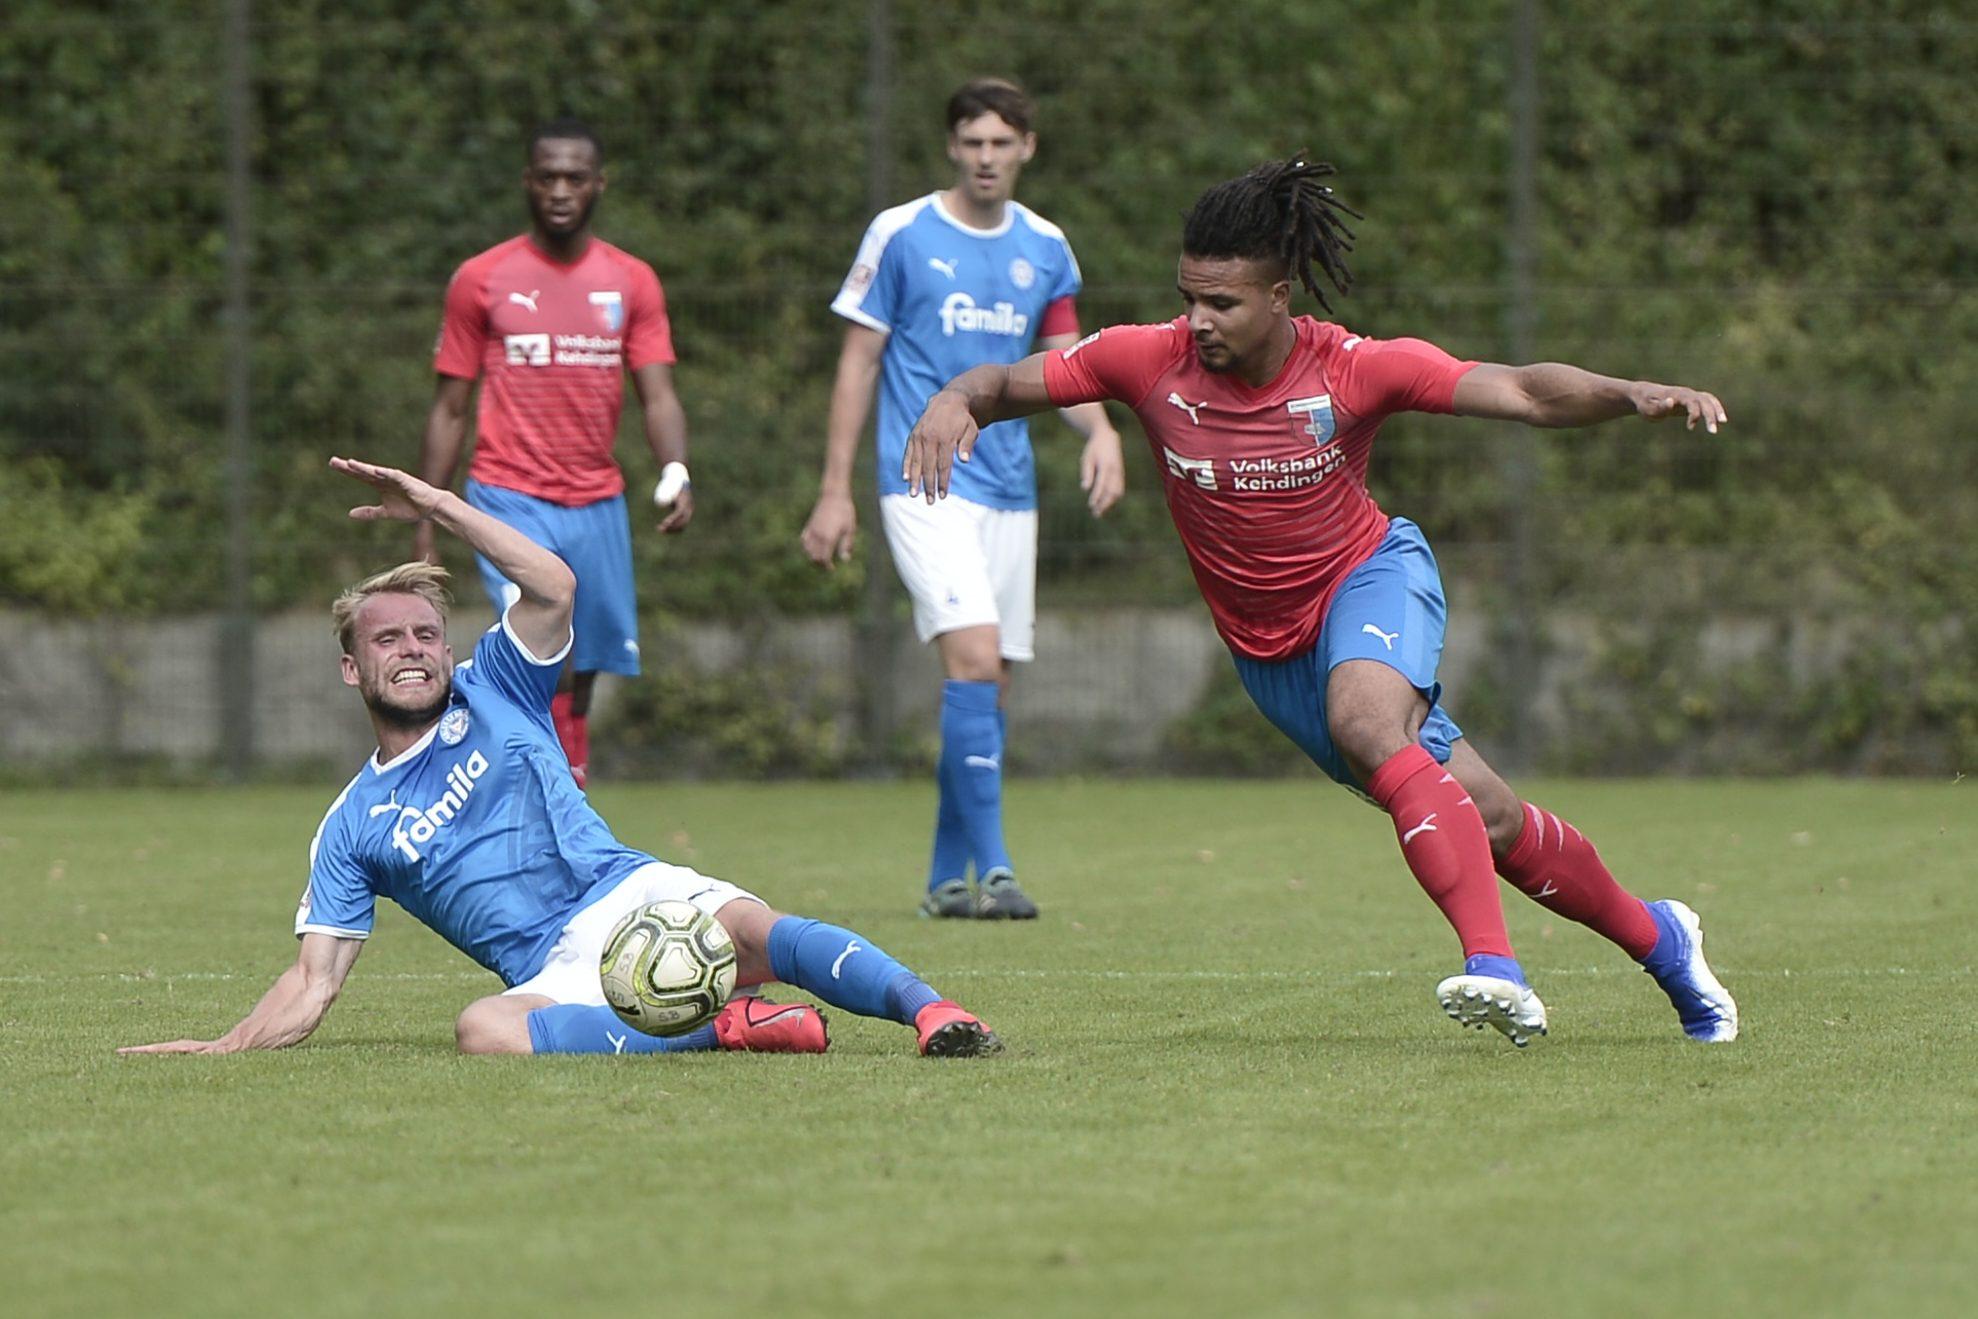 Regionalliga Nord Holstein Kiel II - Drochtersen/Assel Julius Reiner Alt - Liam Giwah